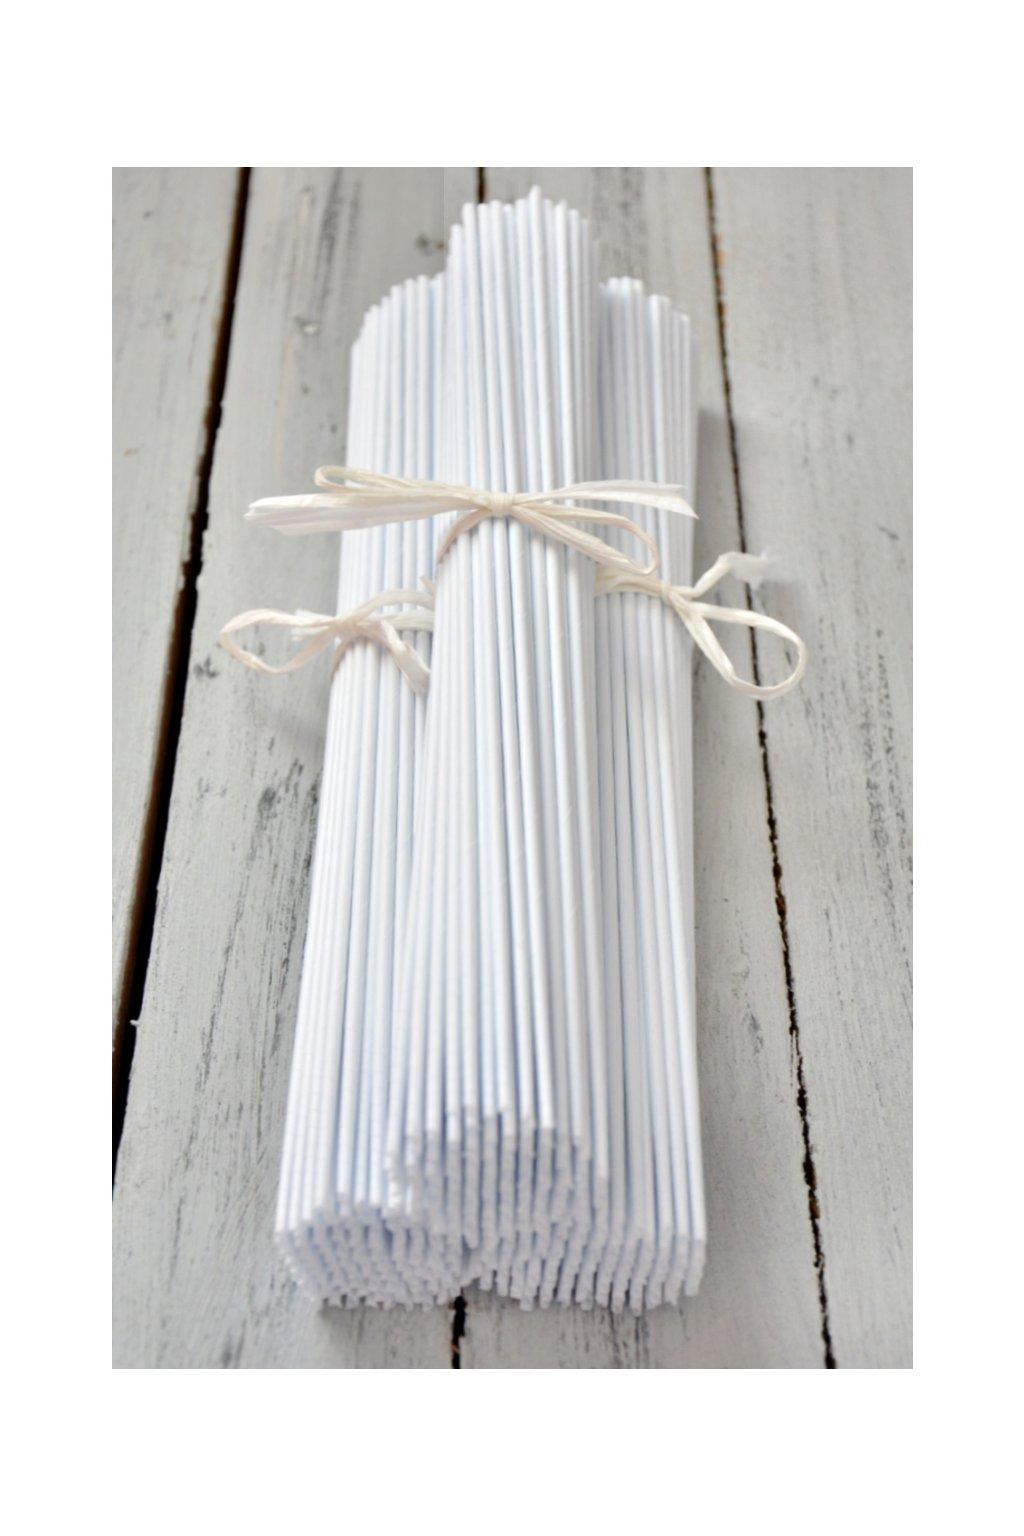 Sněhově bílé papírové ruličky na papírové pletení hobby zábava ruční práce košíkaření pletení košíků